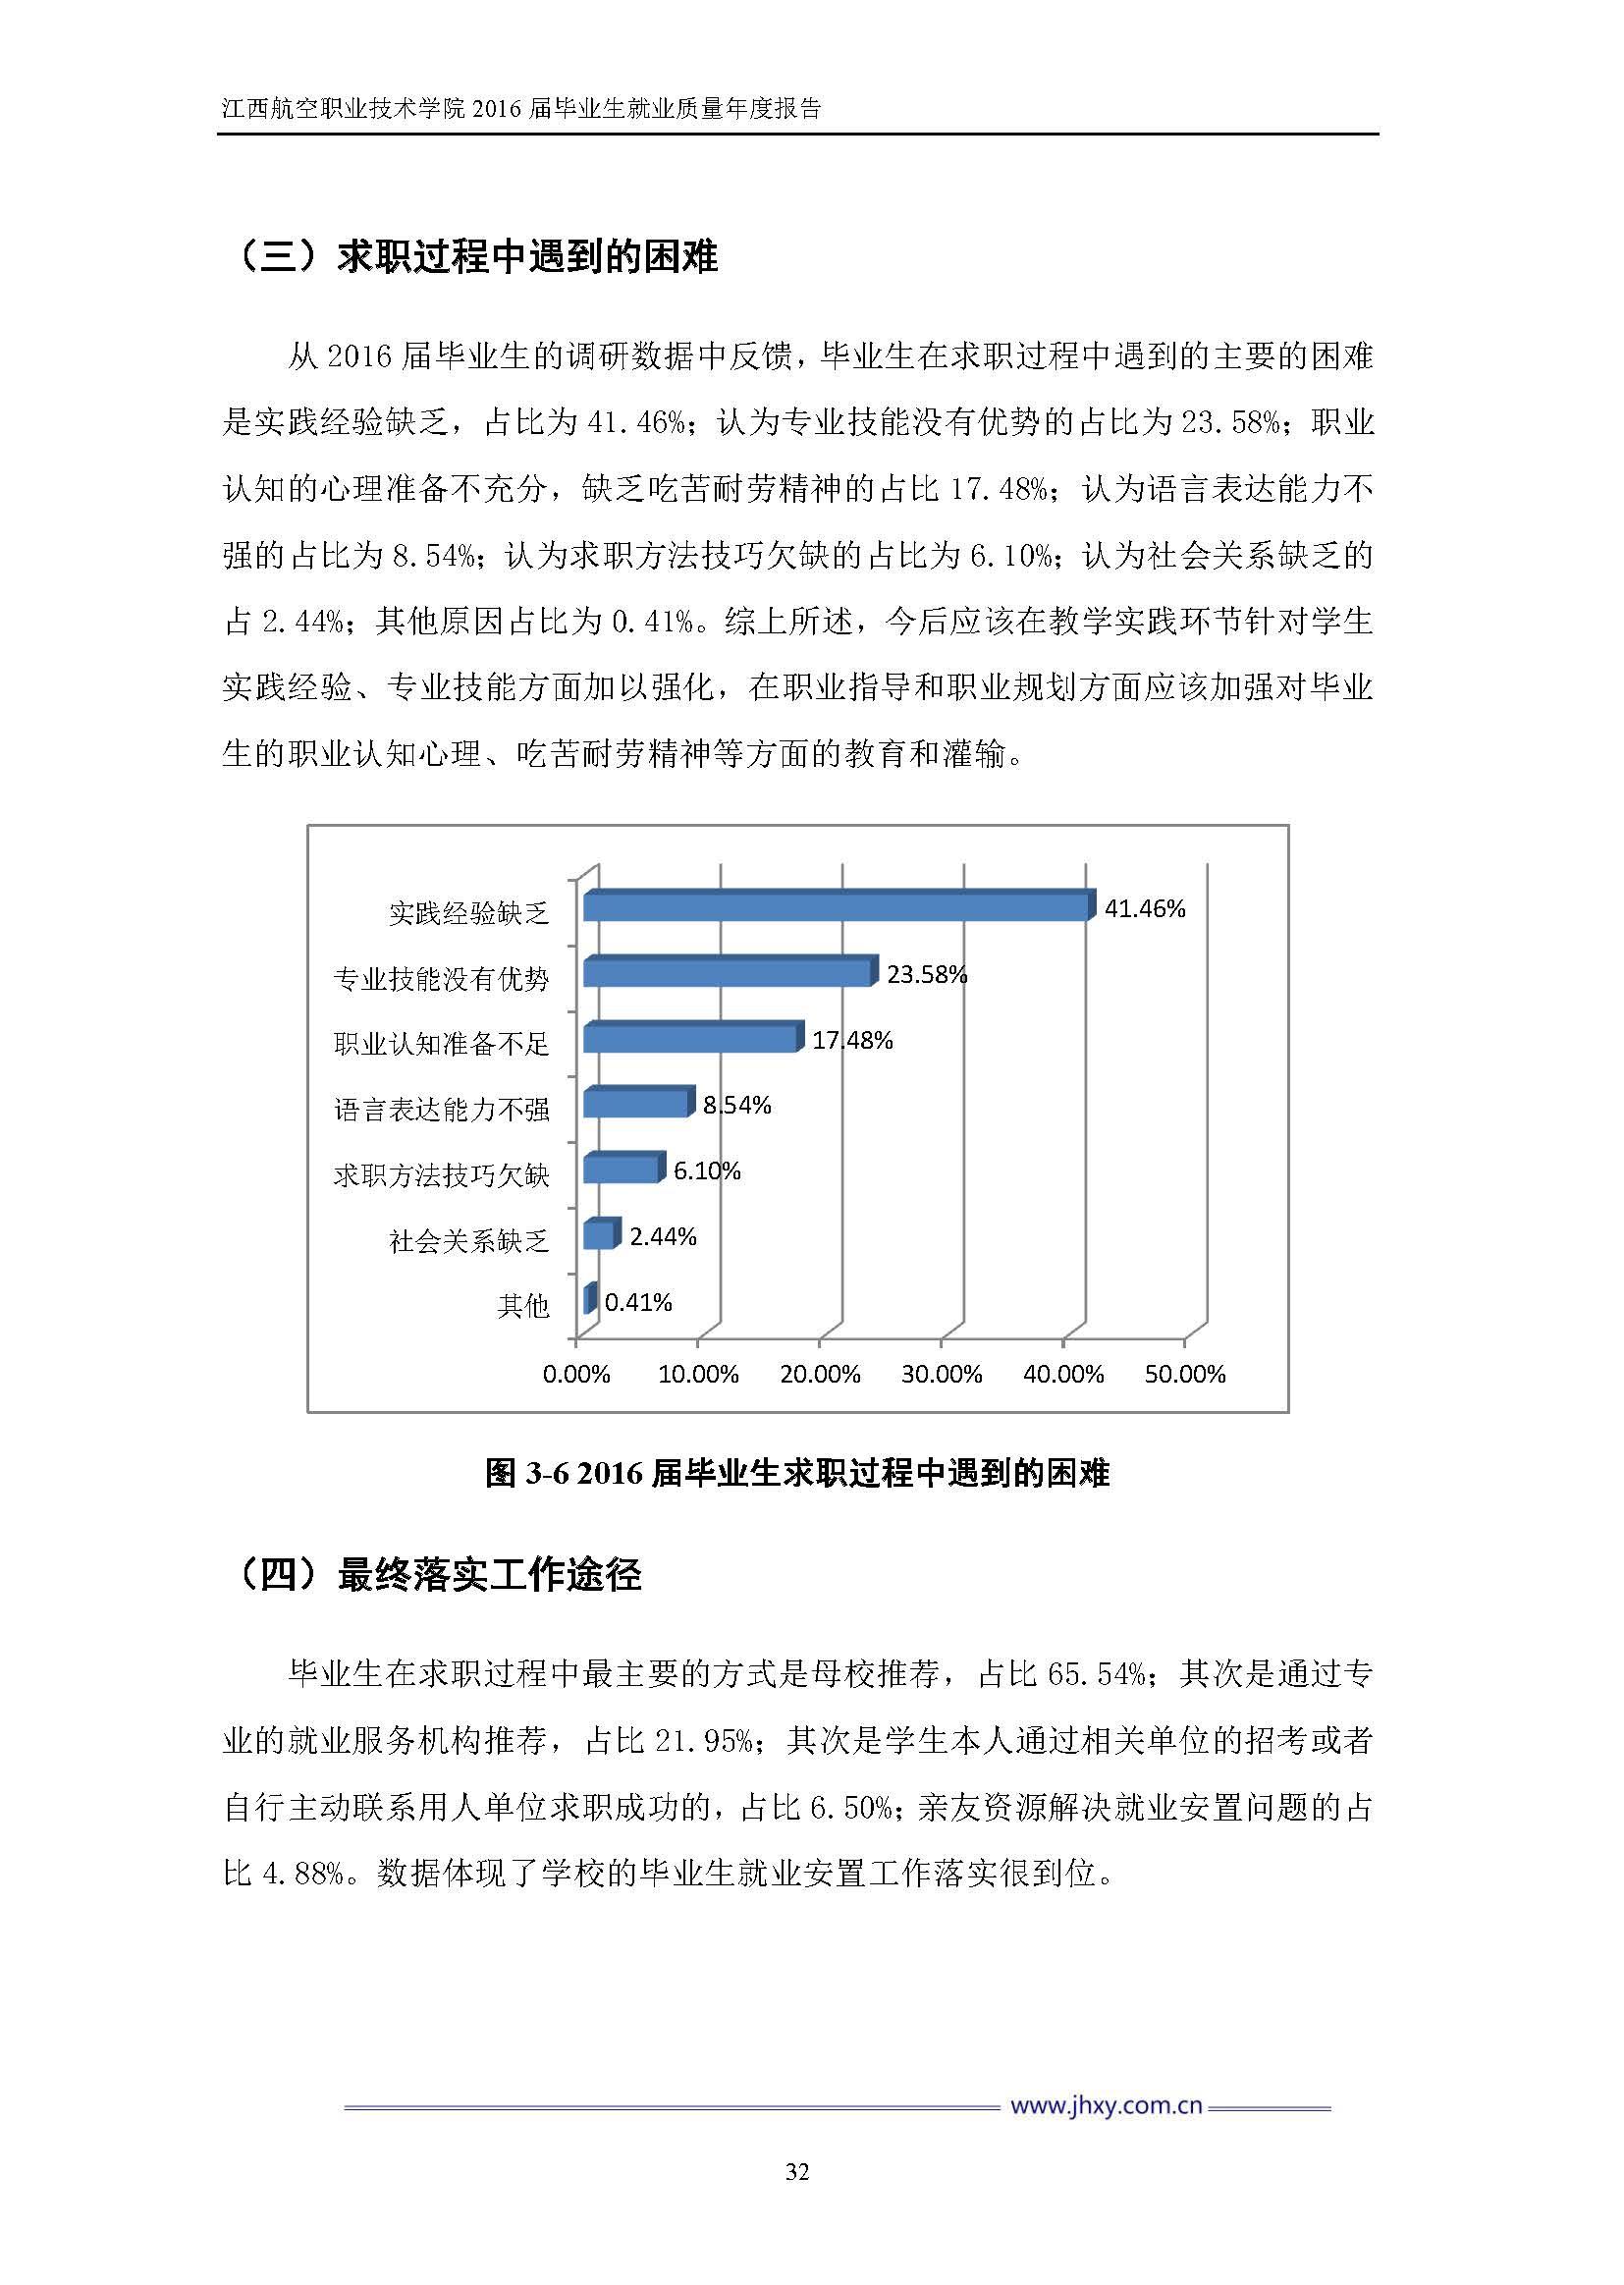 江西航空职业技术学院2016届毕业生就业质量年度报告_Page_39.jpg